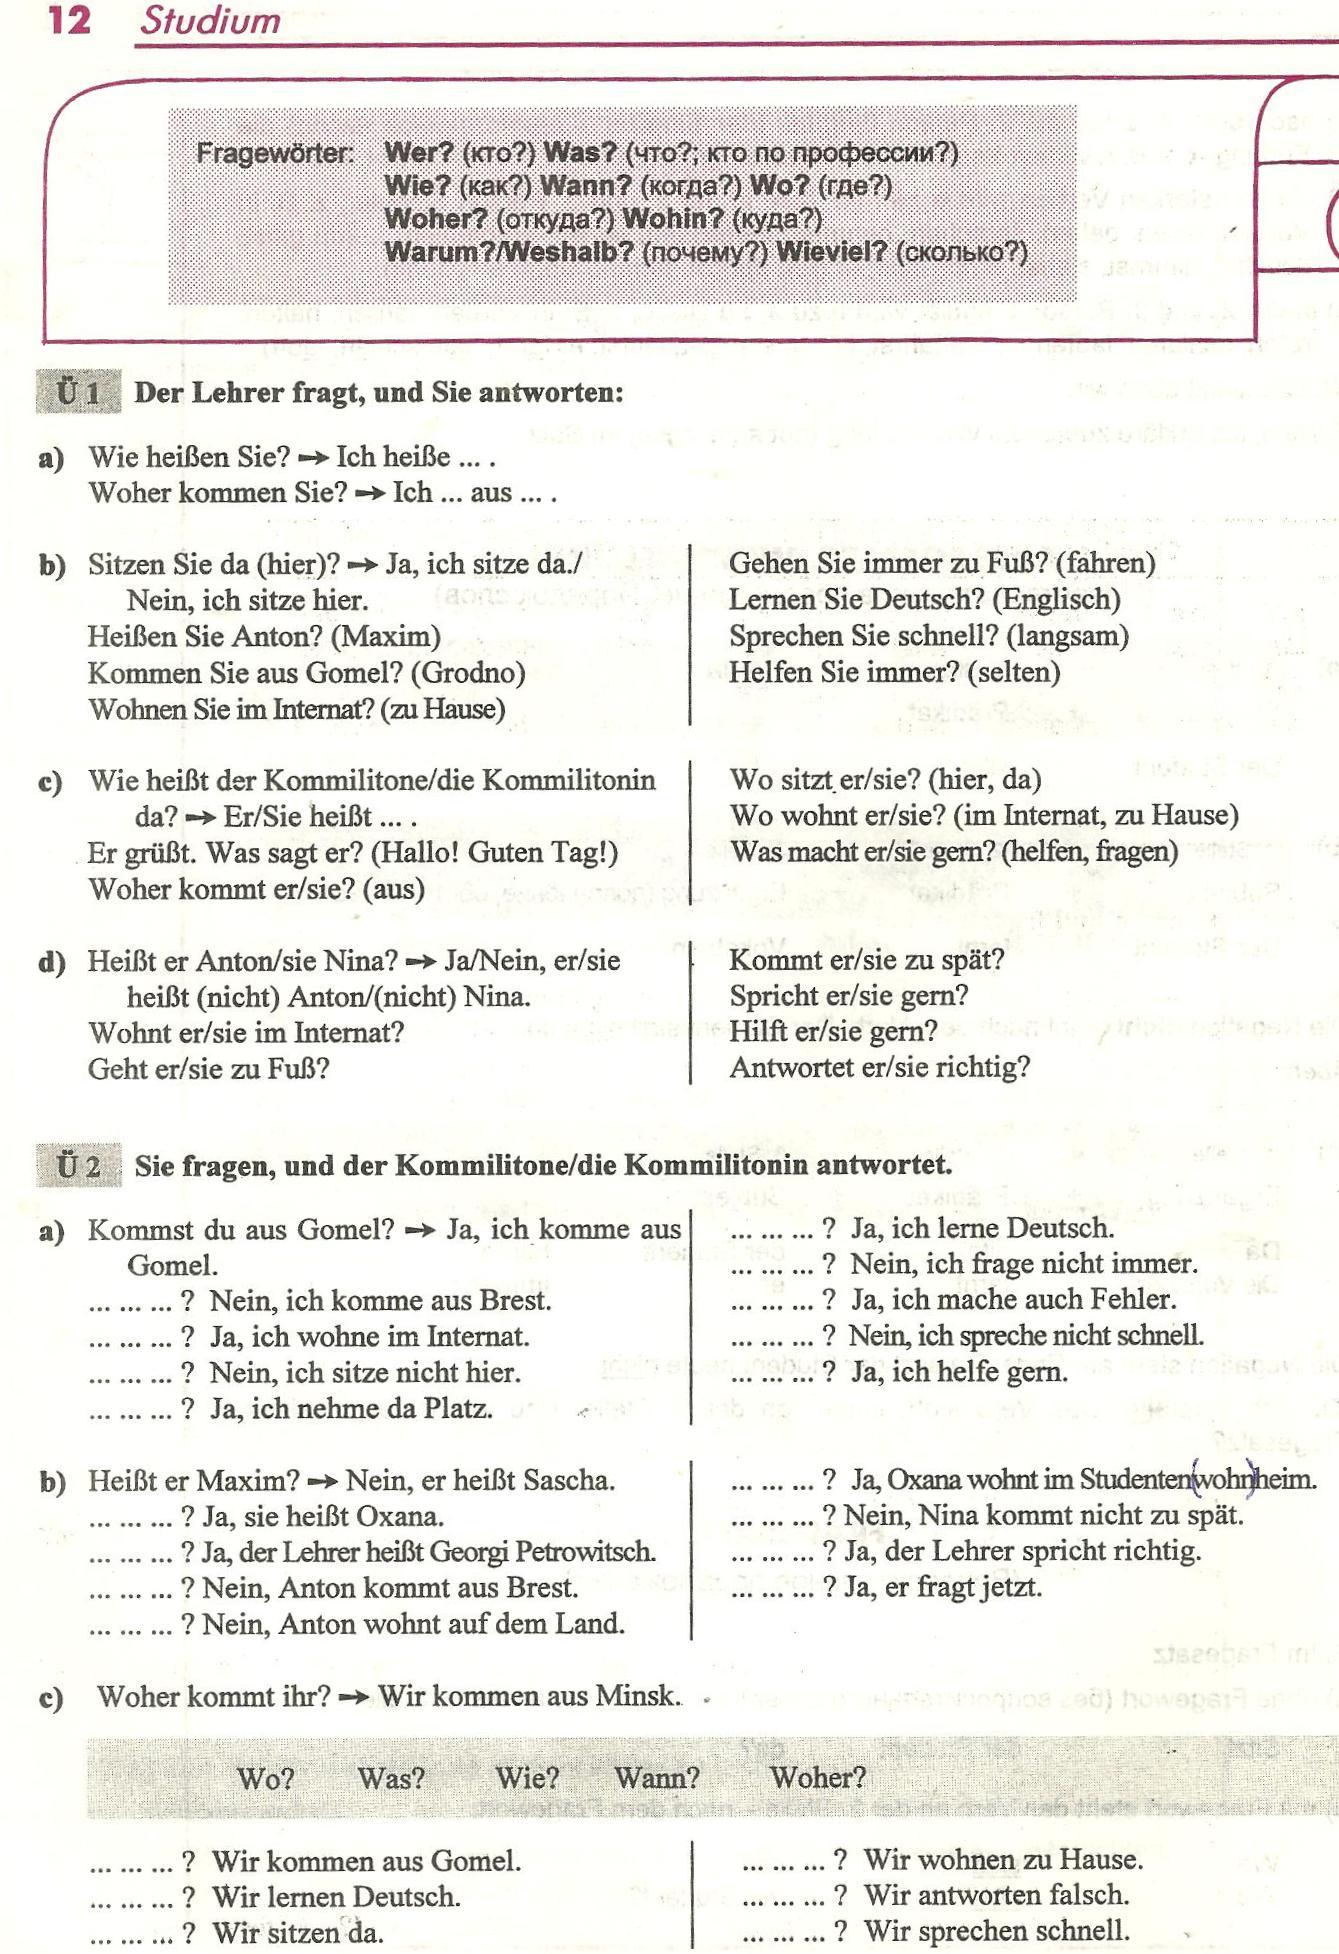 диалог по немецкому языку знакомство с переводом